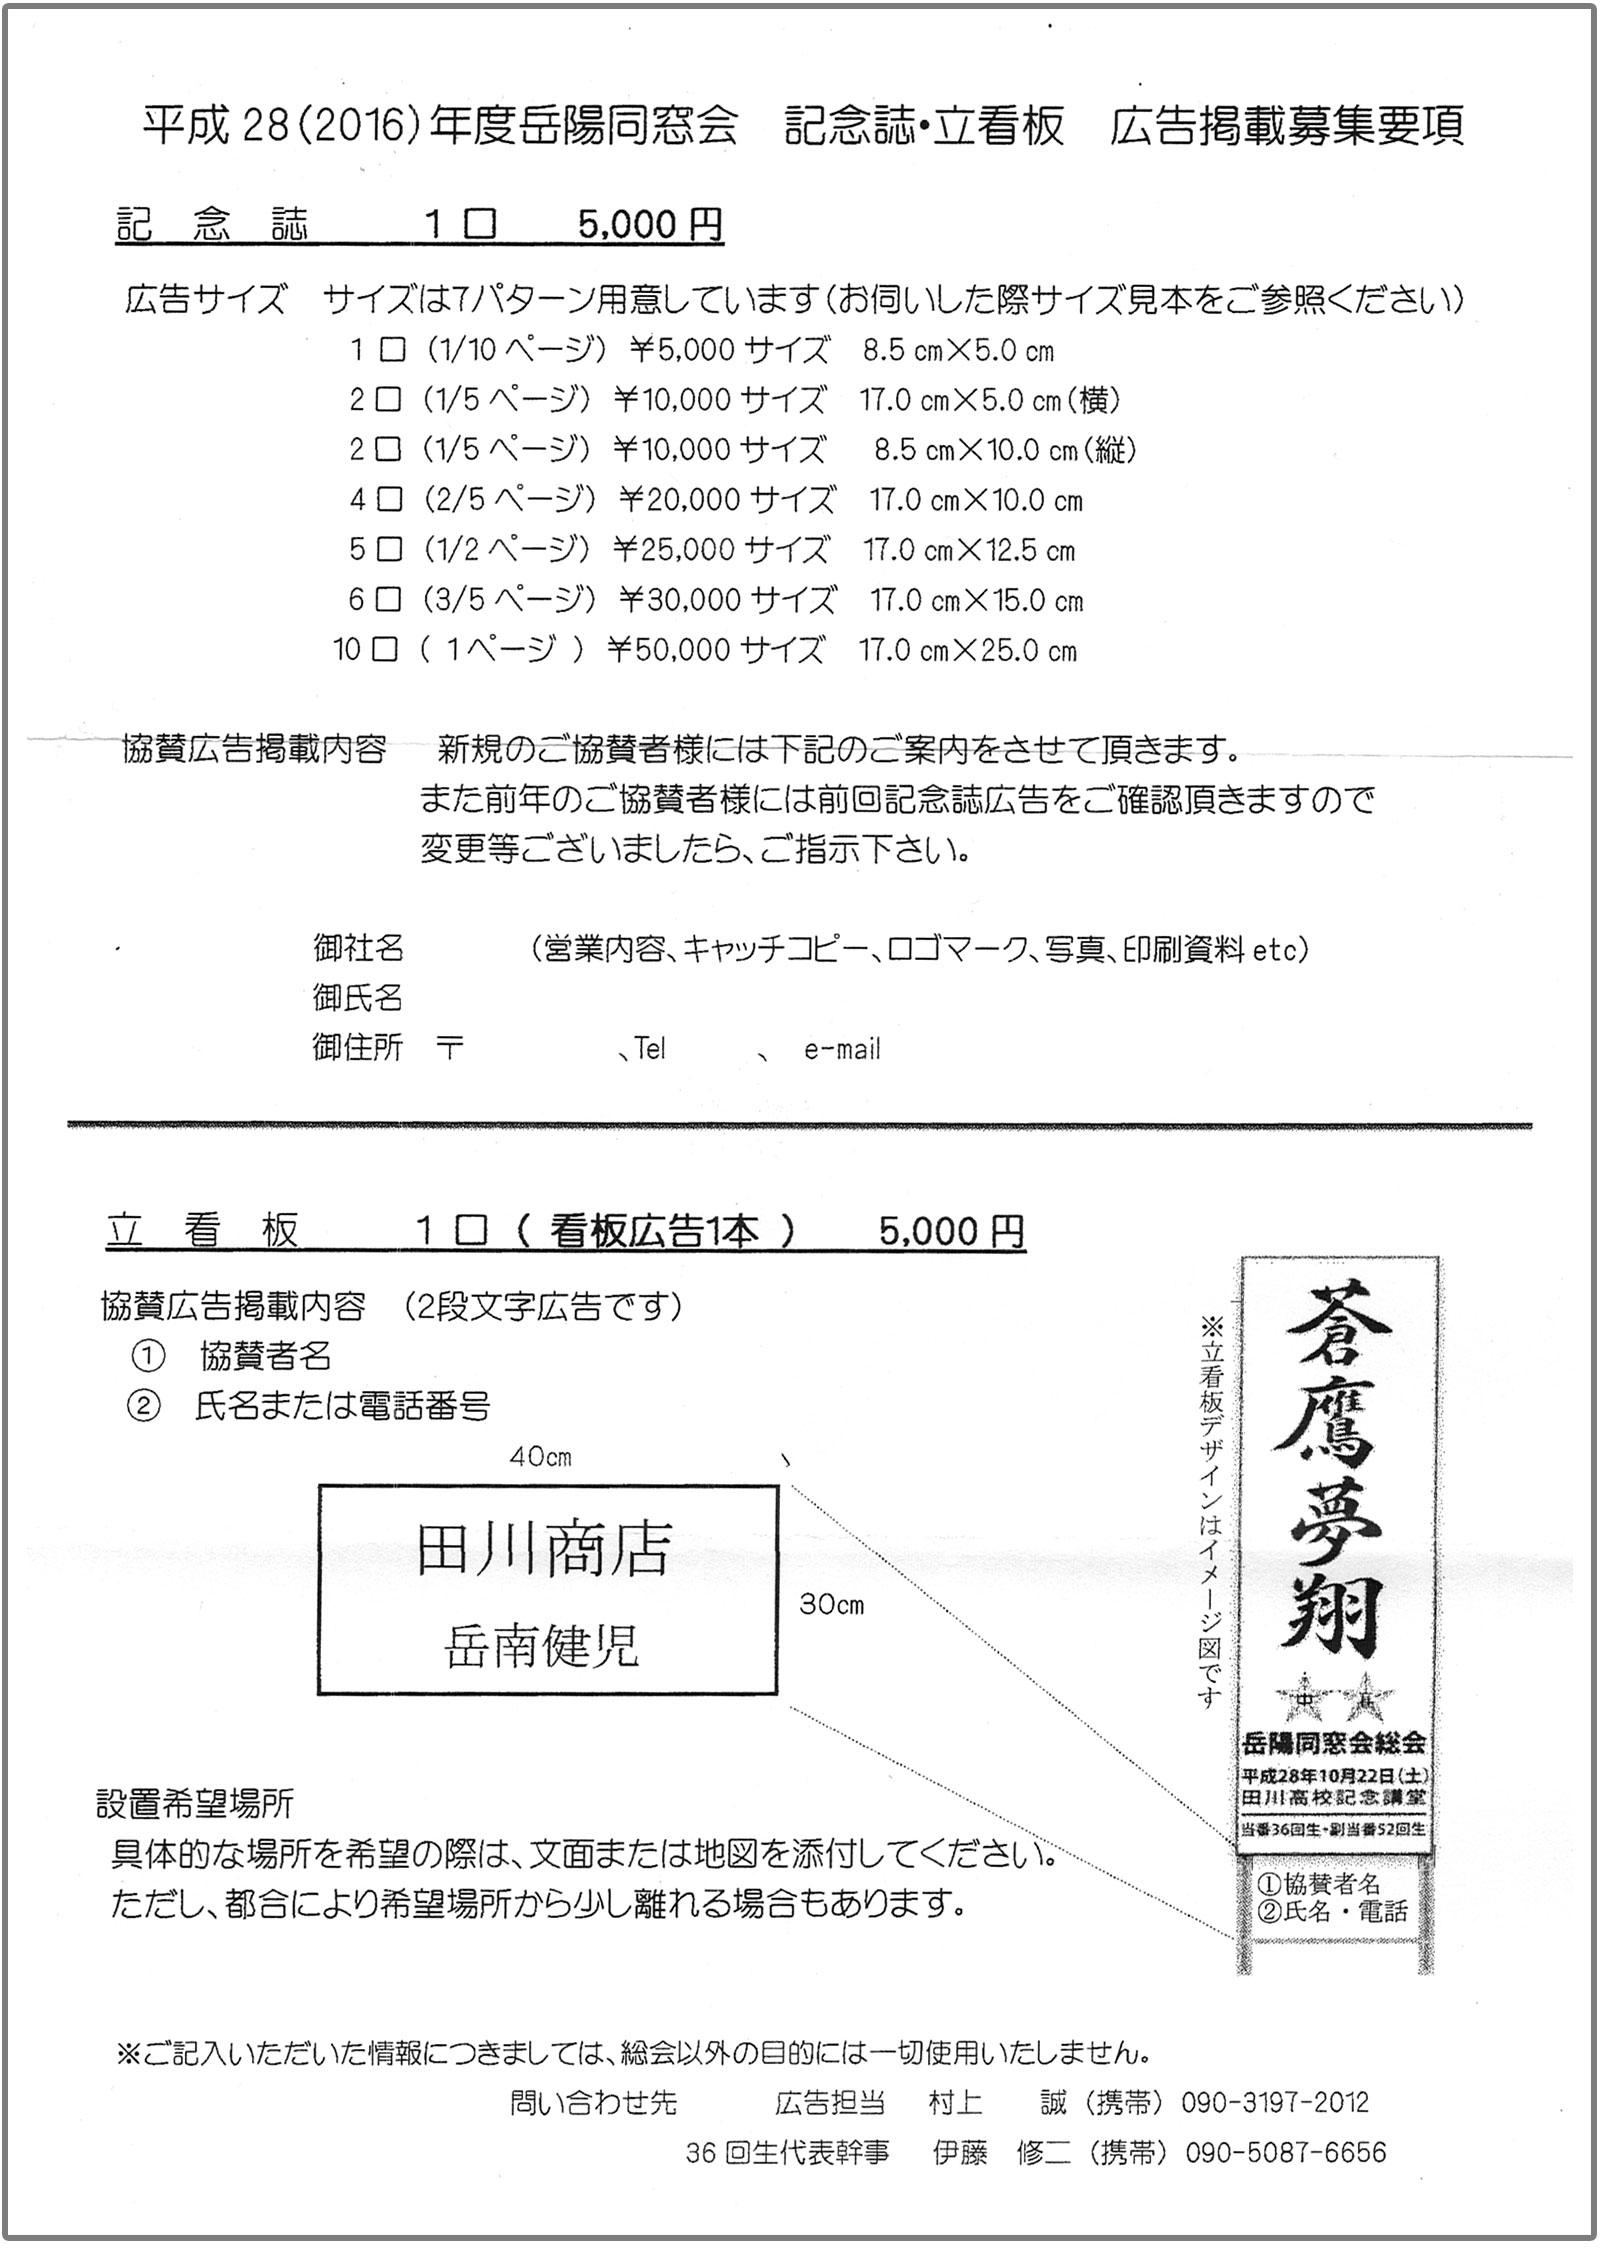 平成28年度岳陽同窓会記念誌立て看板広告掲載募集要項